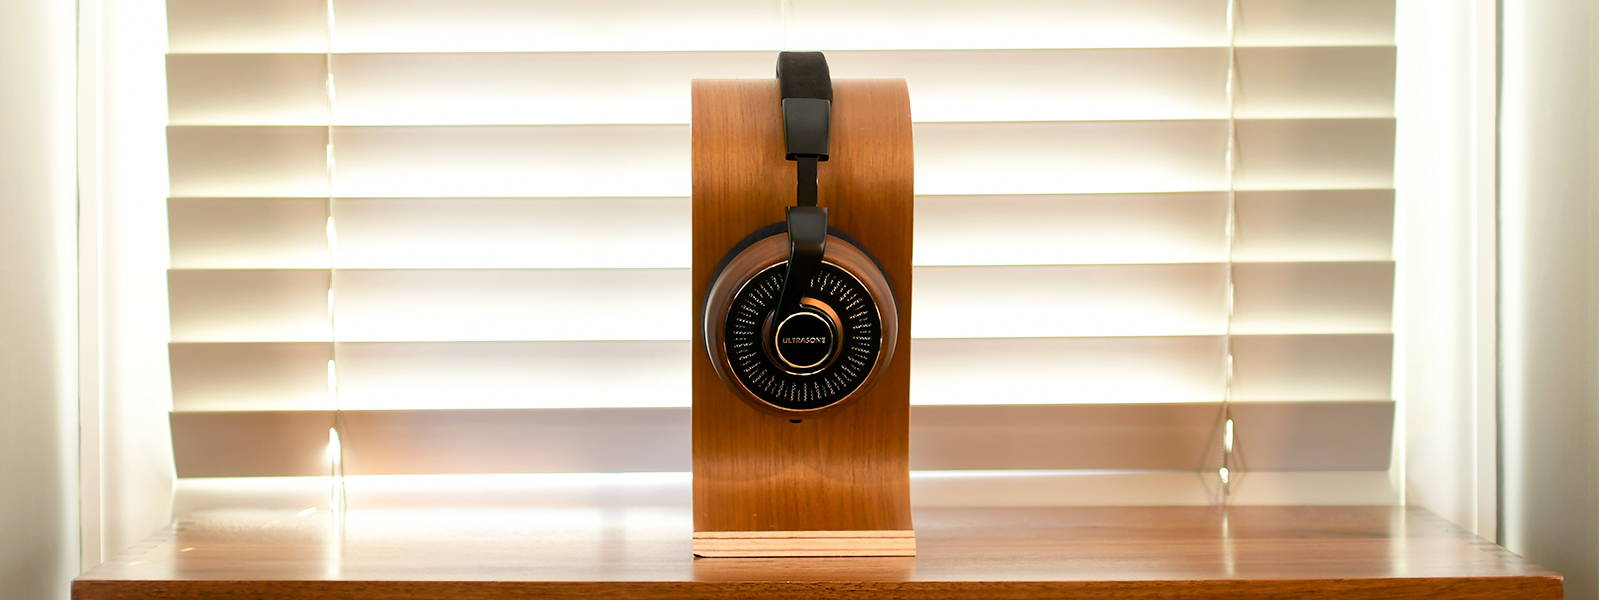 U;trasone Edition 11 Headphones on stand